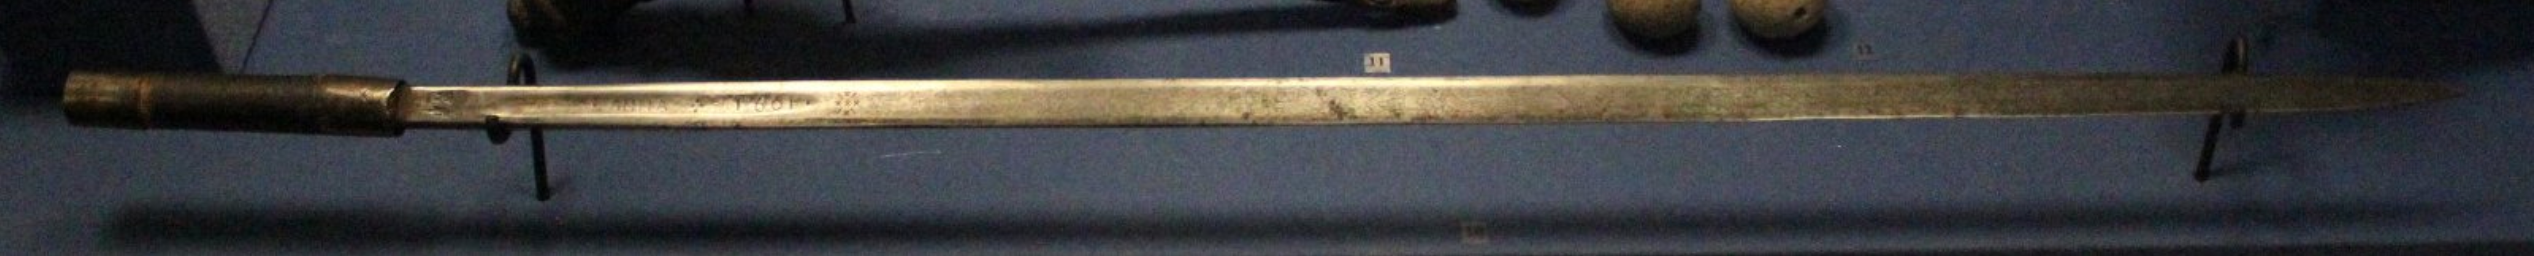 Полоса шпажного клинка с кустарной рукоятью, конец XVI – начало XVII вв.